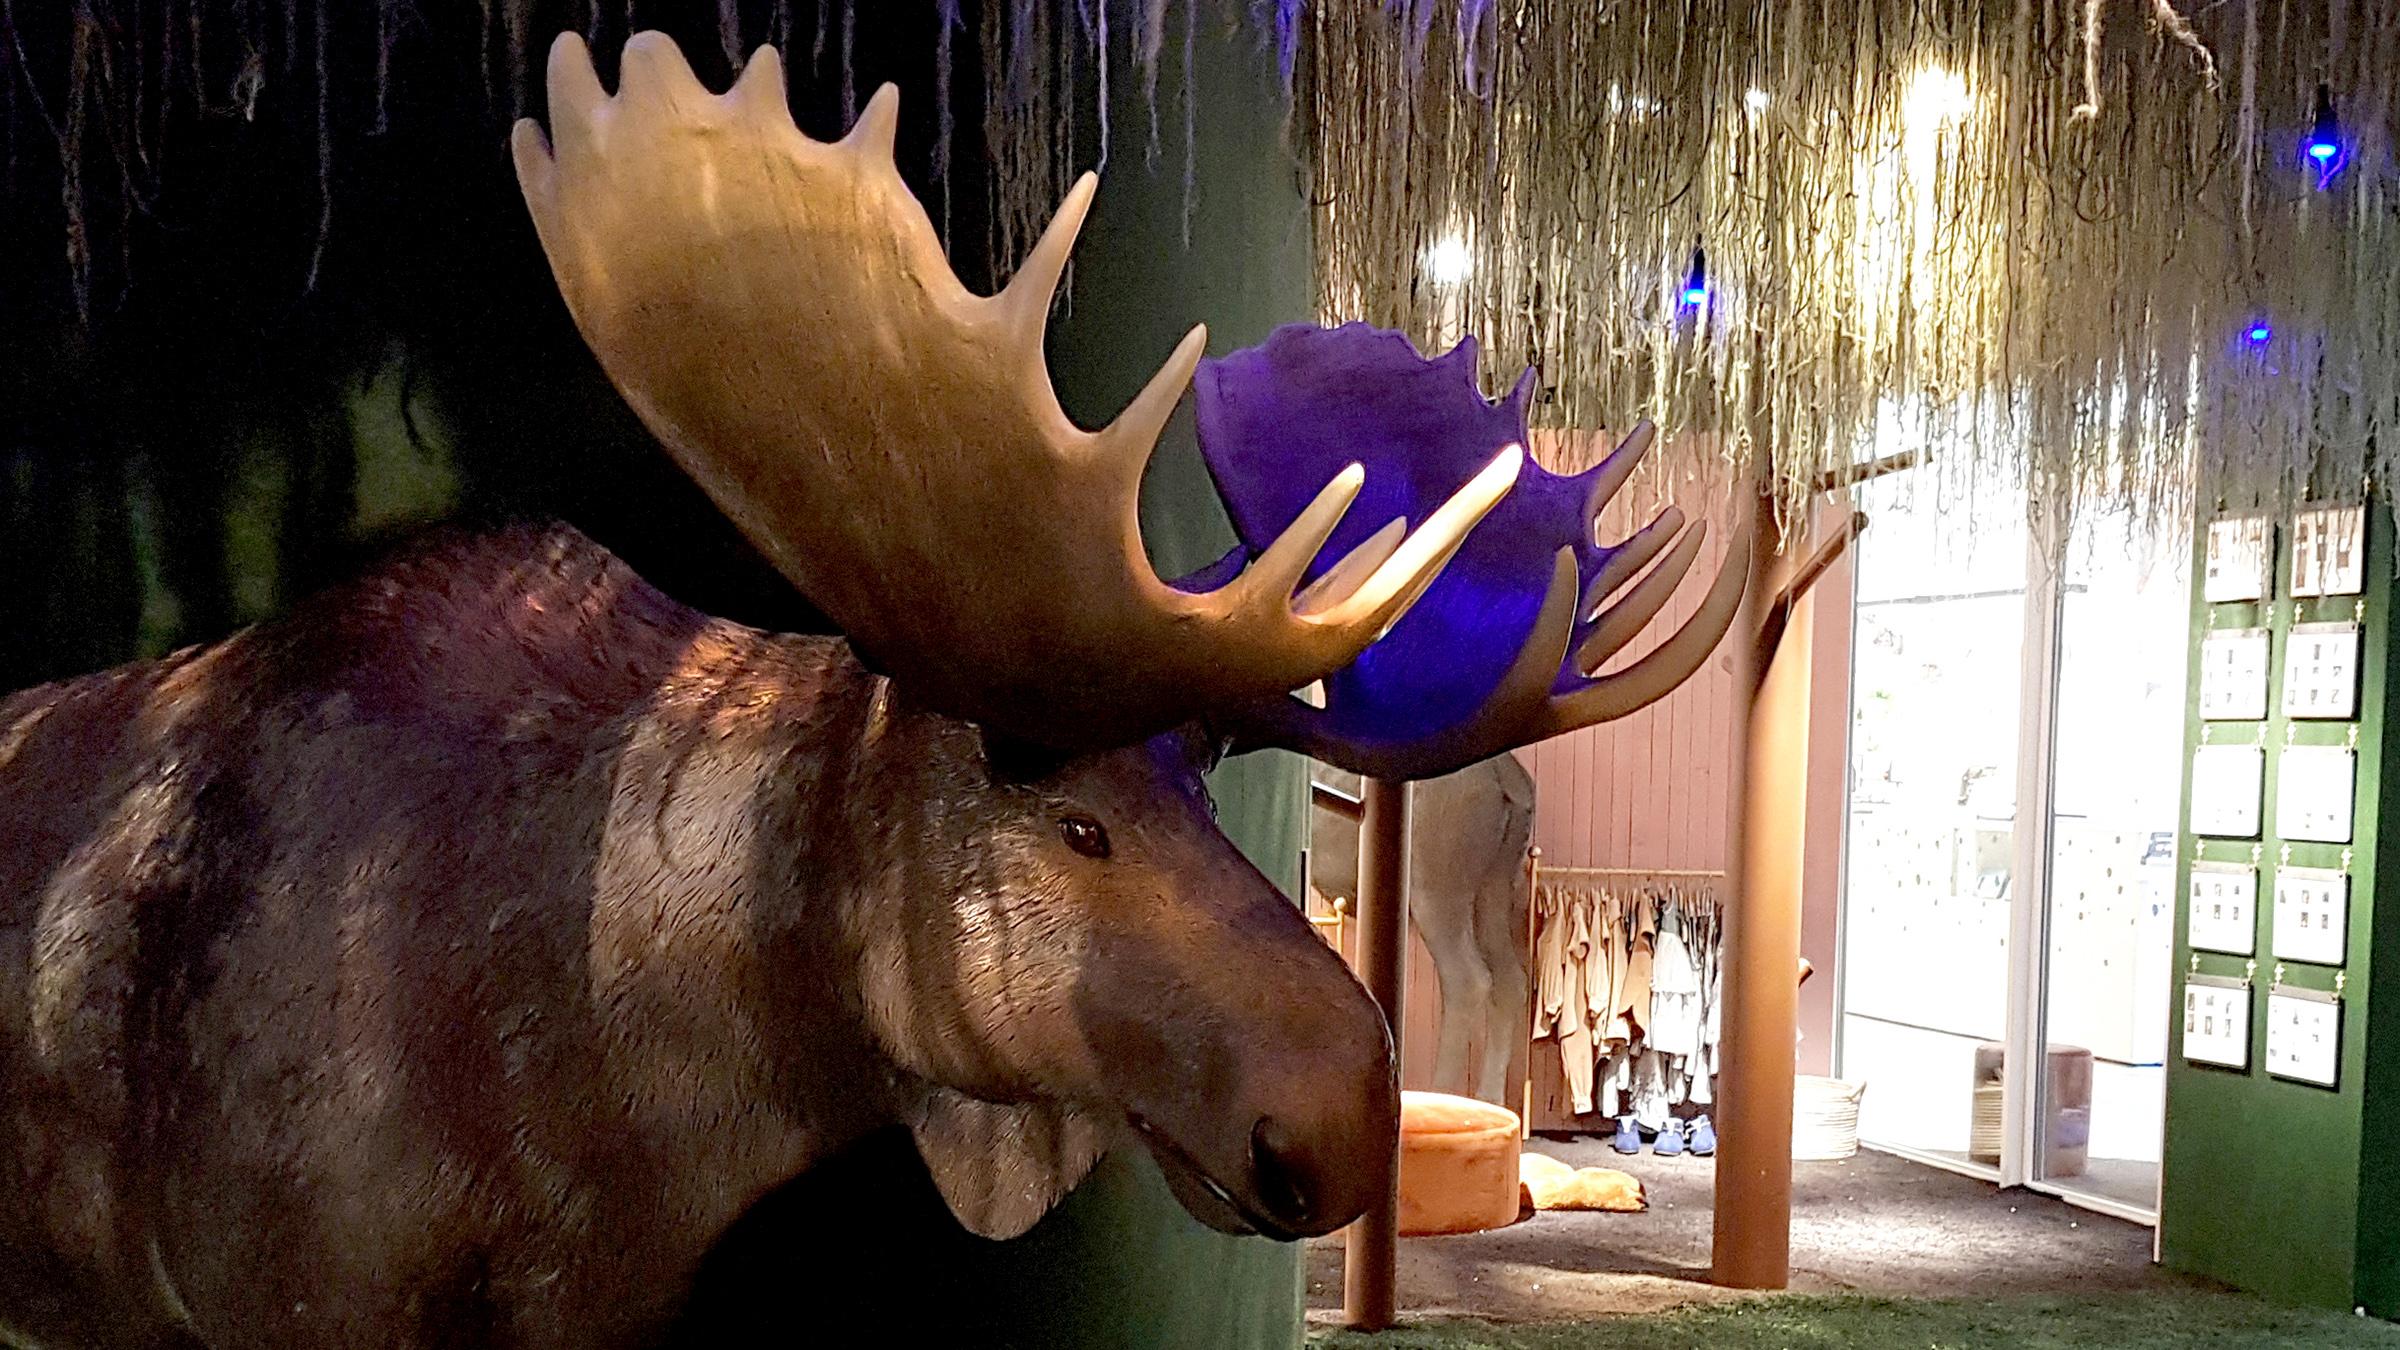 Följa John - en utställning på Jönköpings läns museum